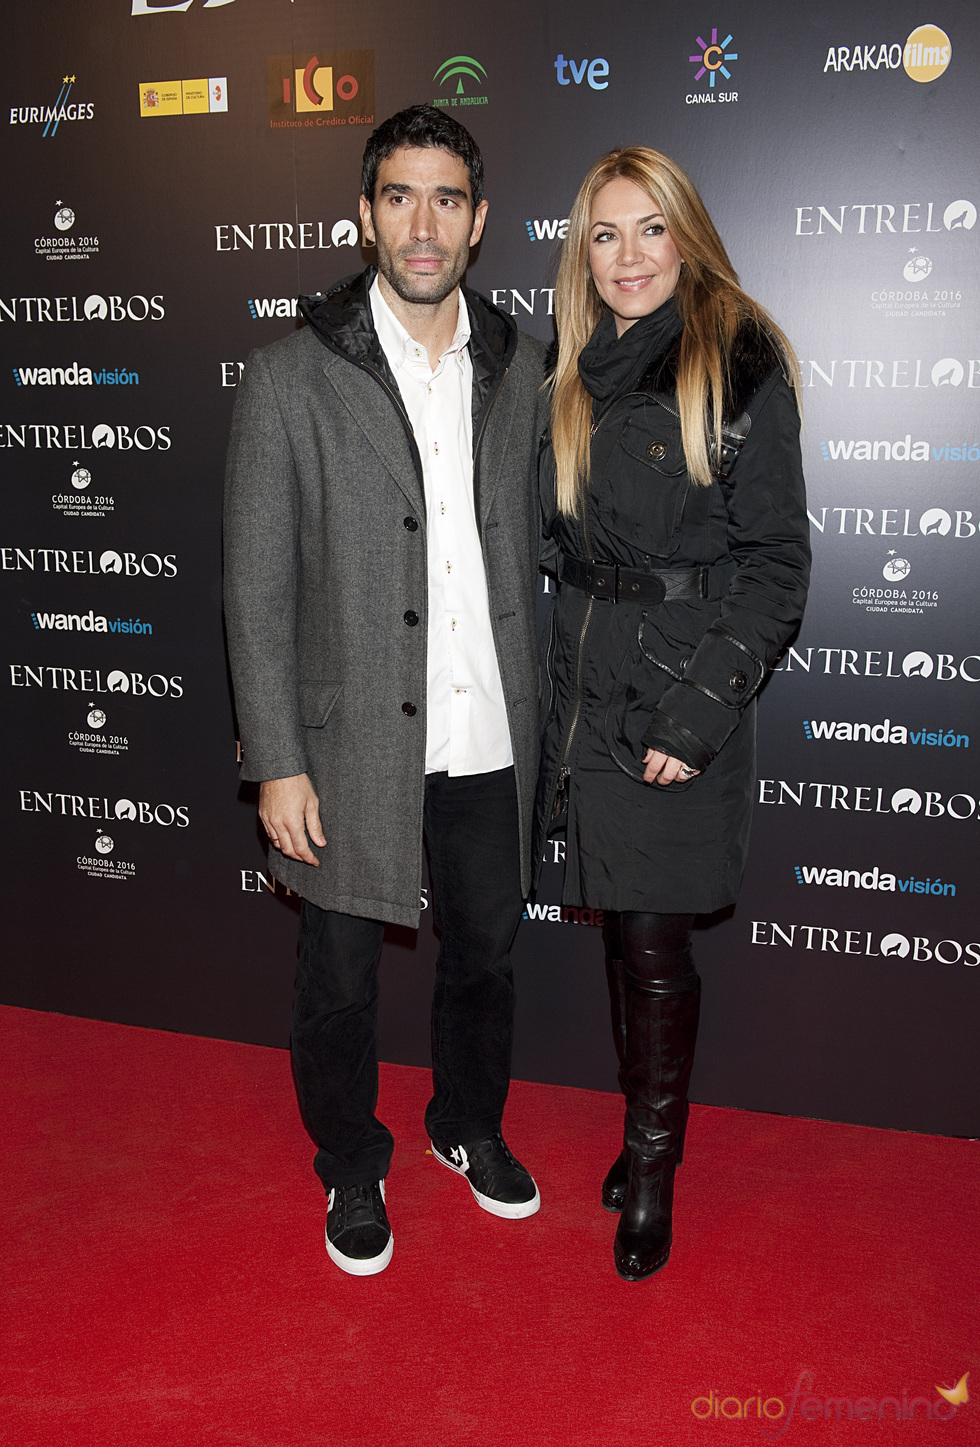 Fernando Saz e Ingrid Asensio en el estreno de 'Entrelobos'